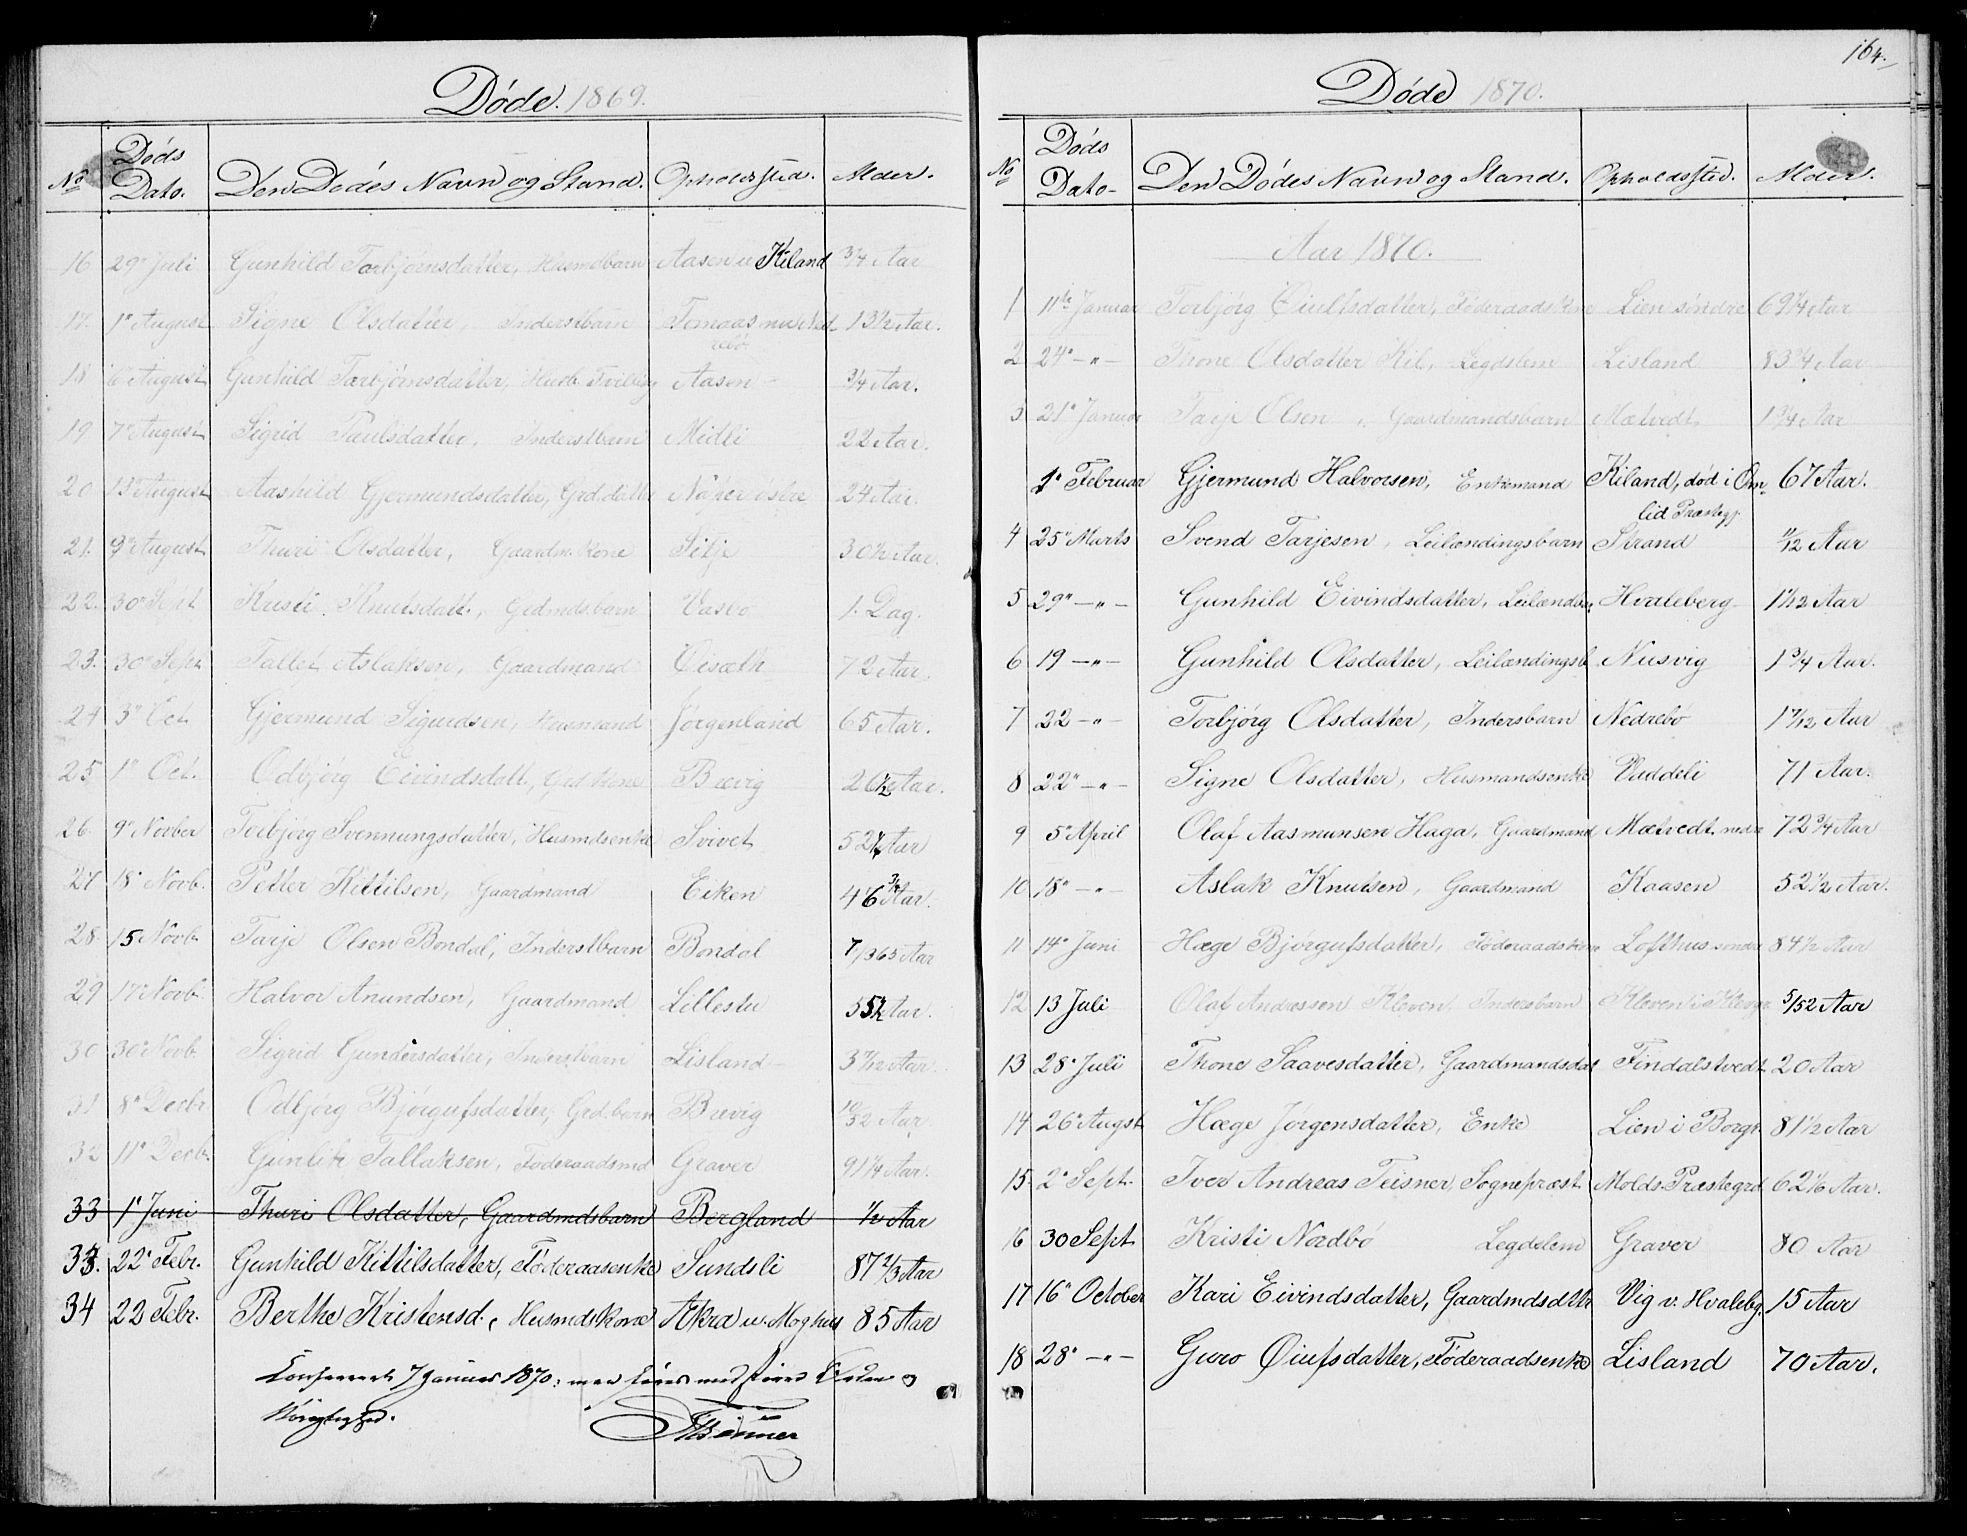 SAKO, Fyresdal kirkebøker, G/Ga/L0004: Klokkerbok nr. I 4, 1864-1892, s. 164